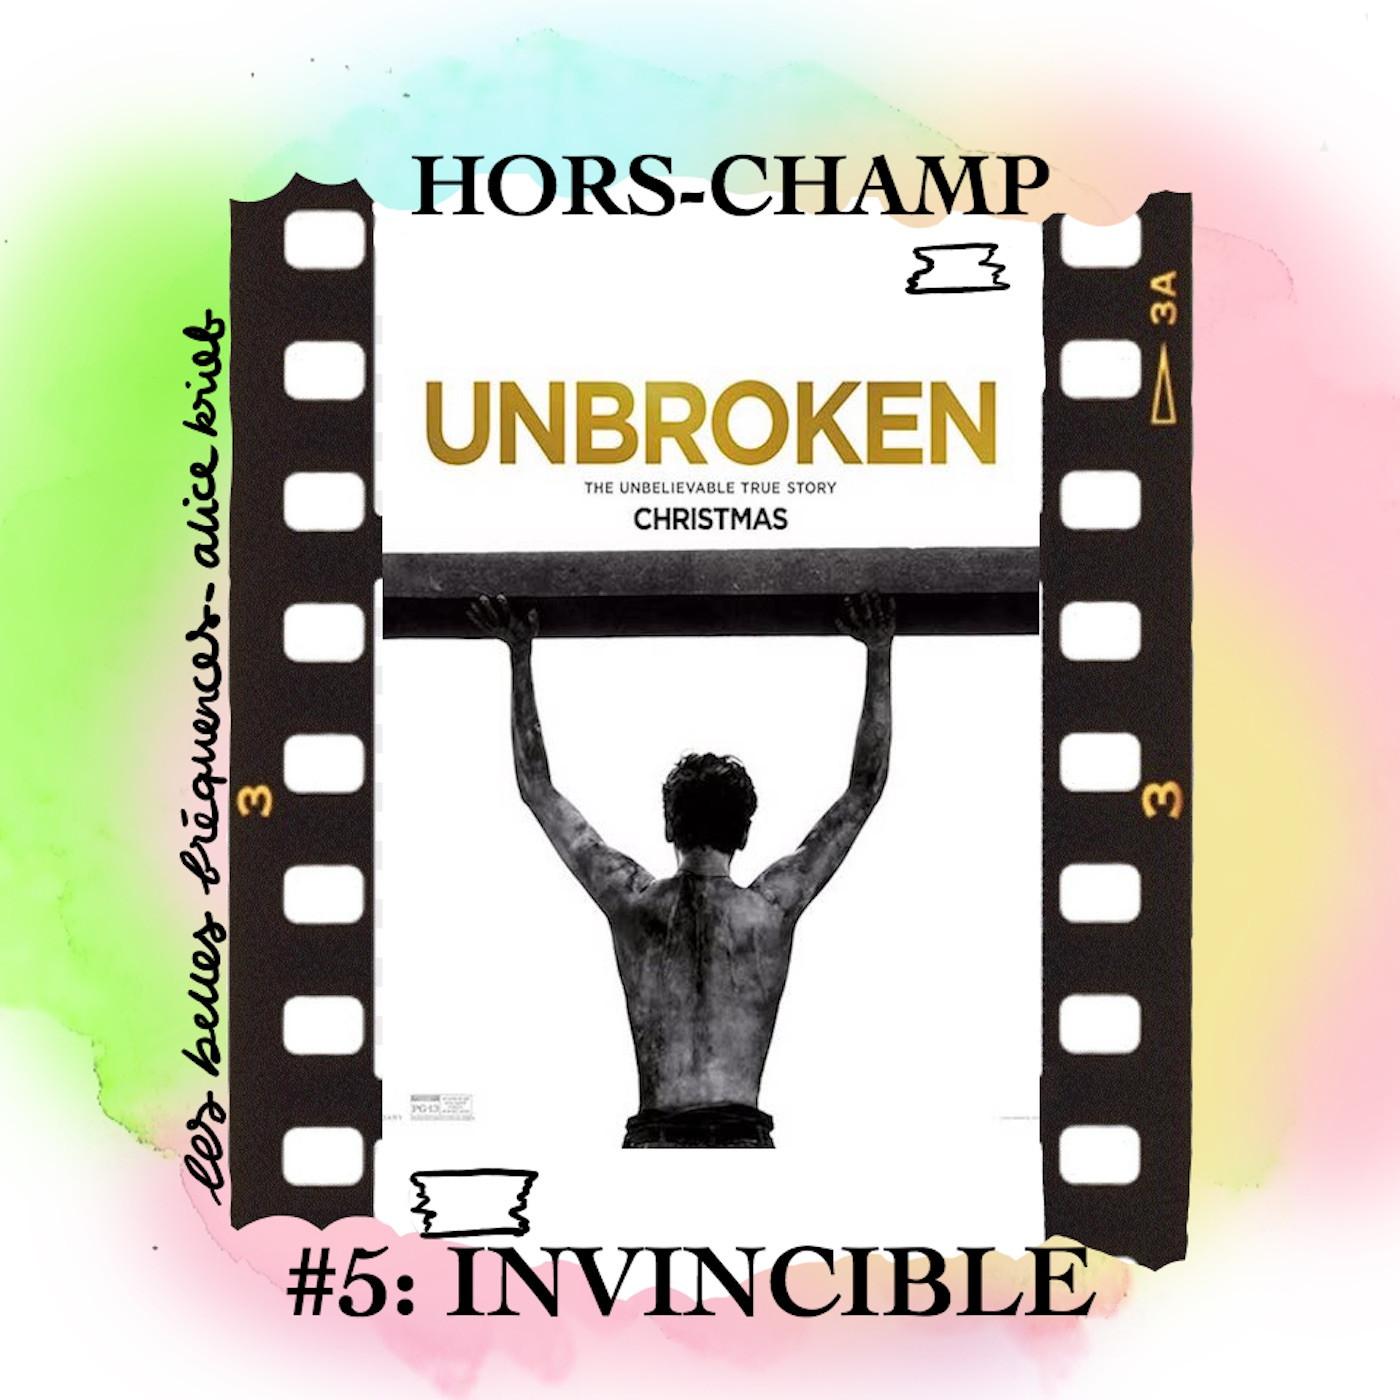 #5: Invincible